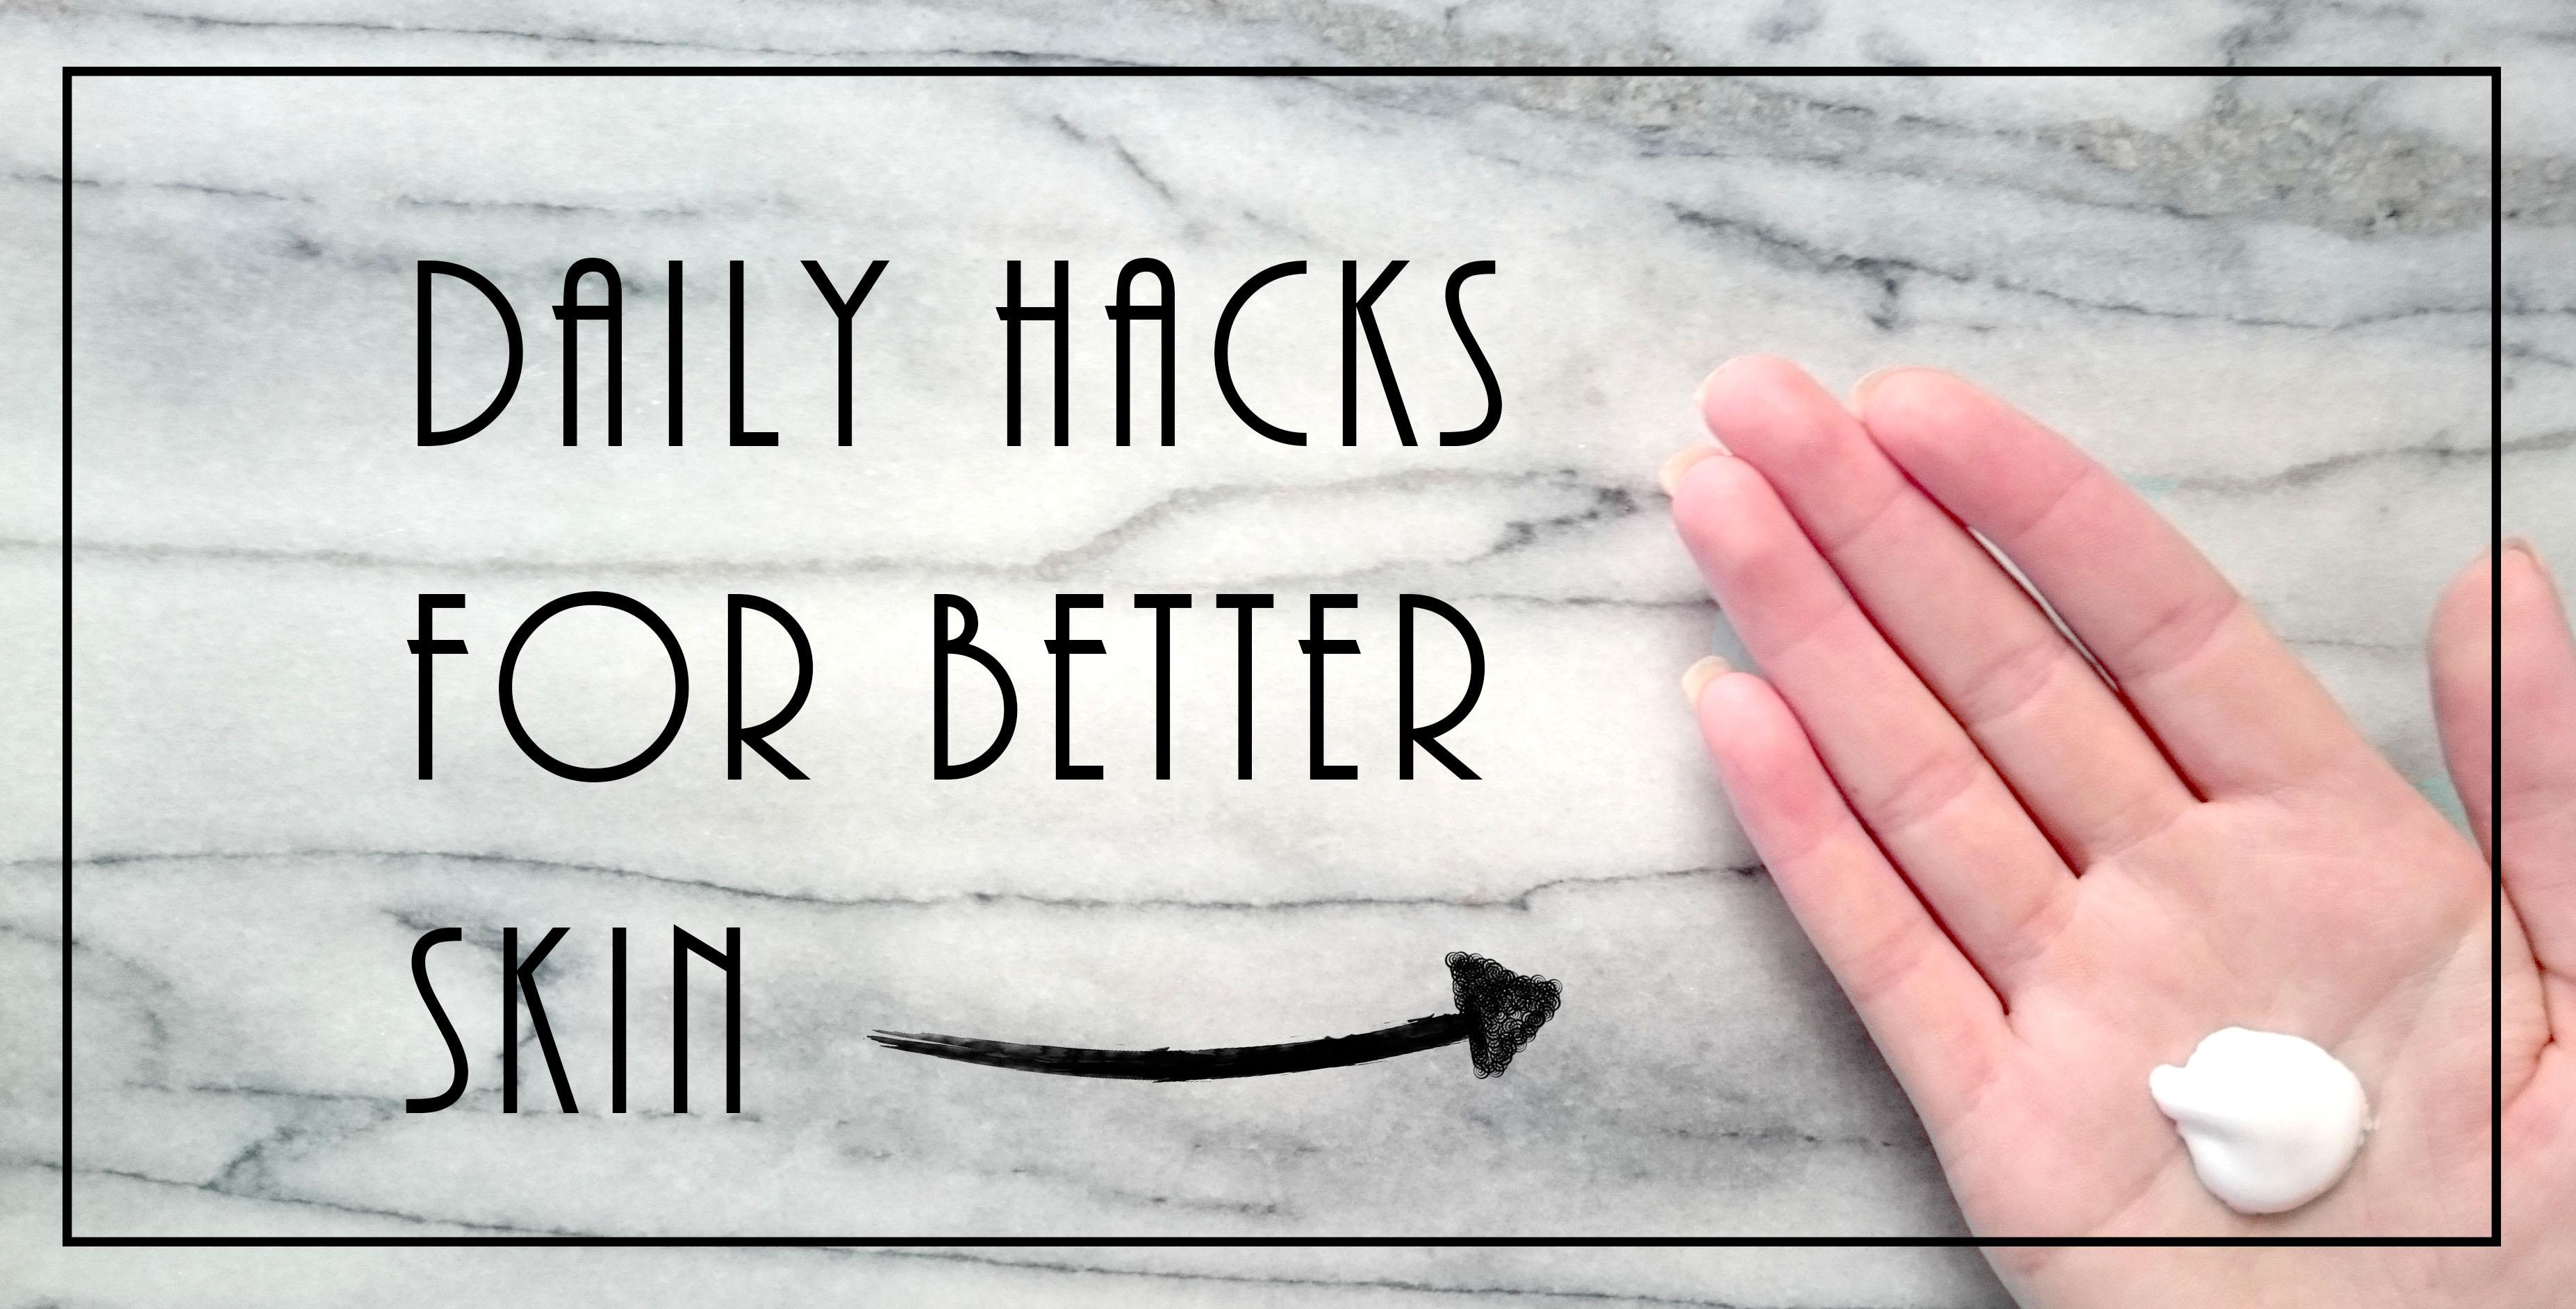 Daily Hacks For Better Skin